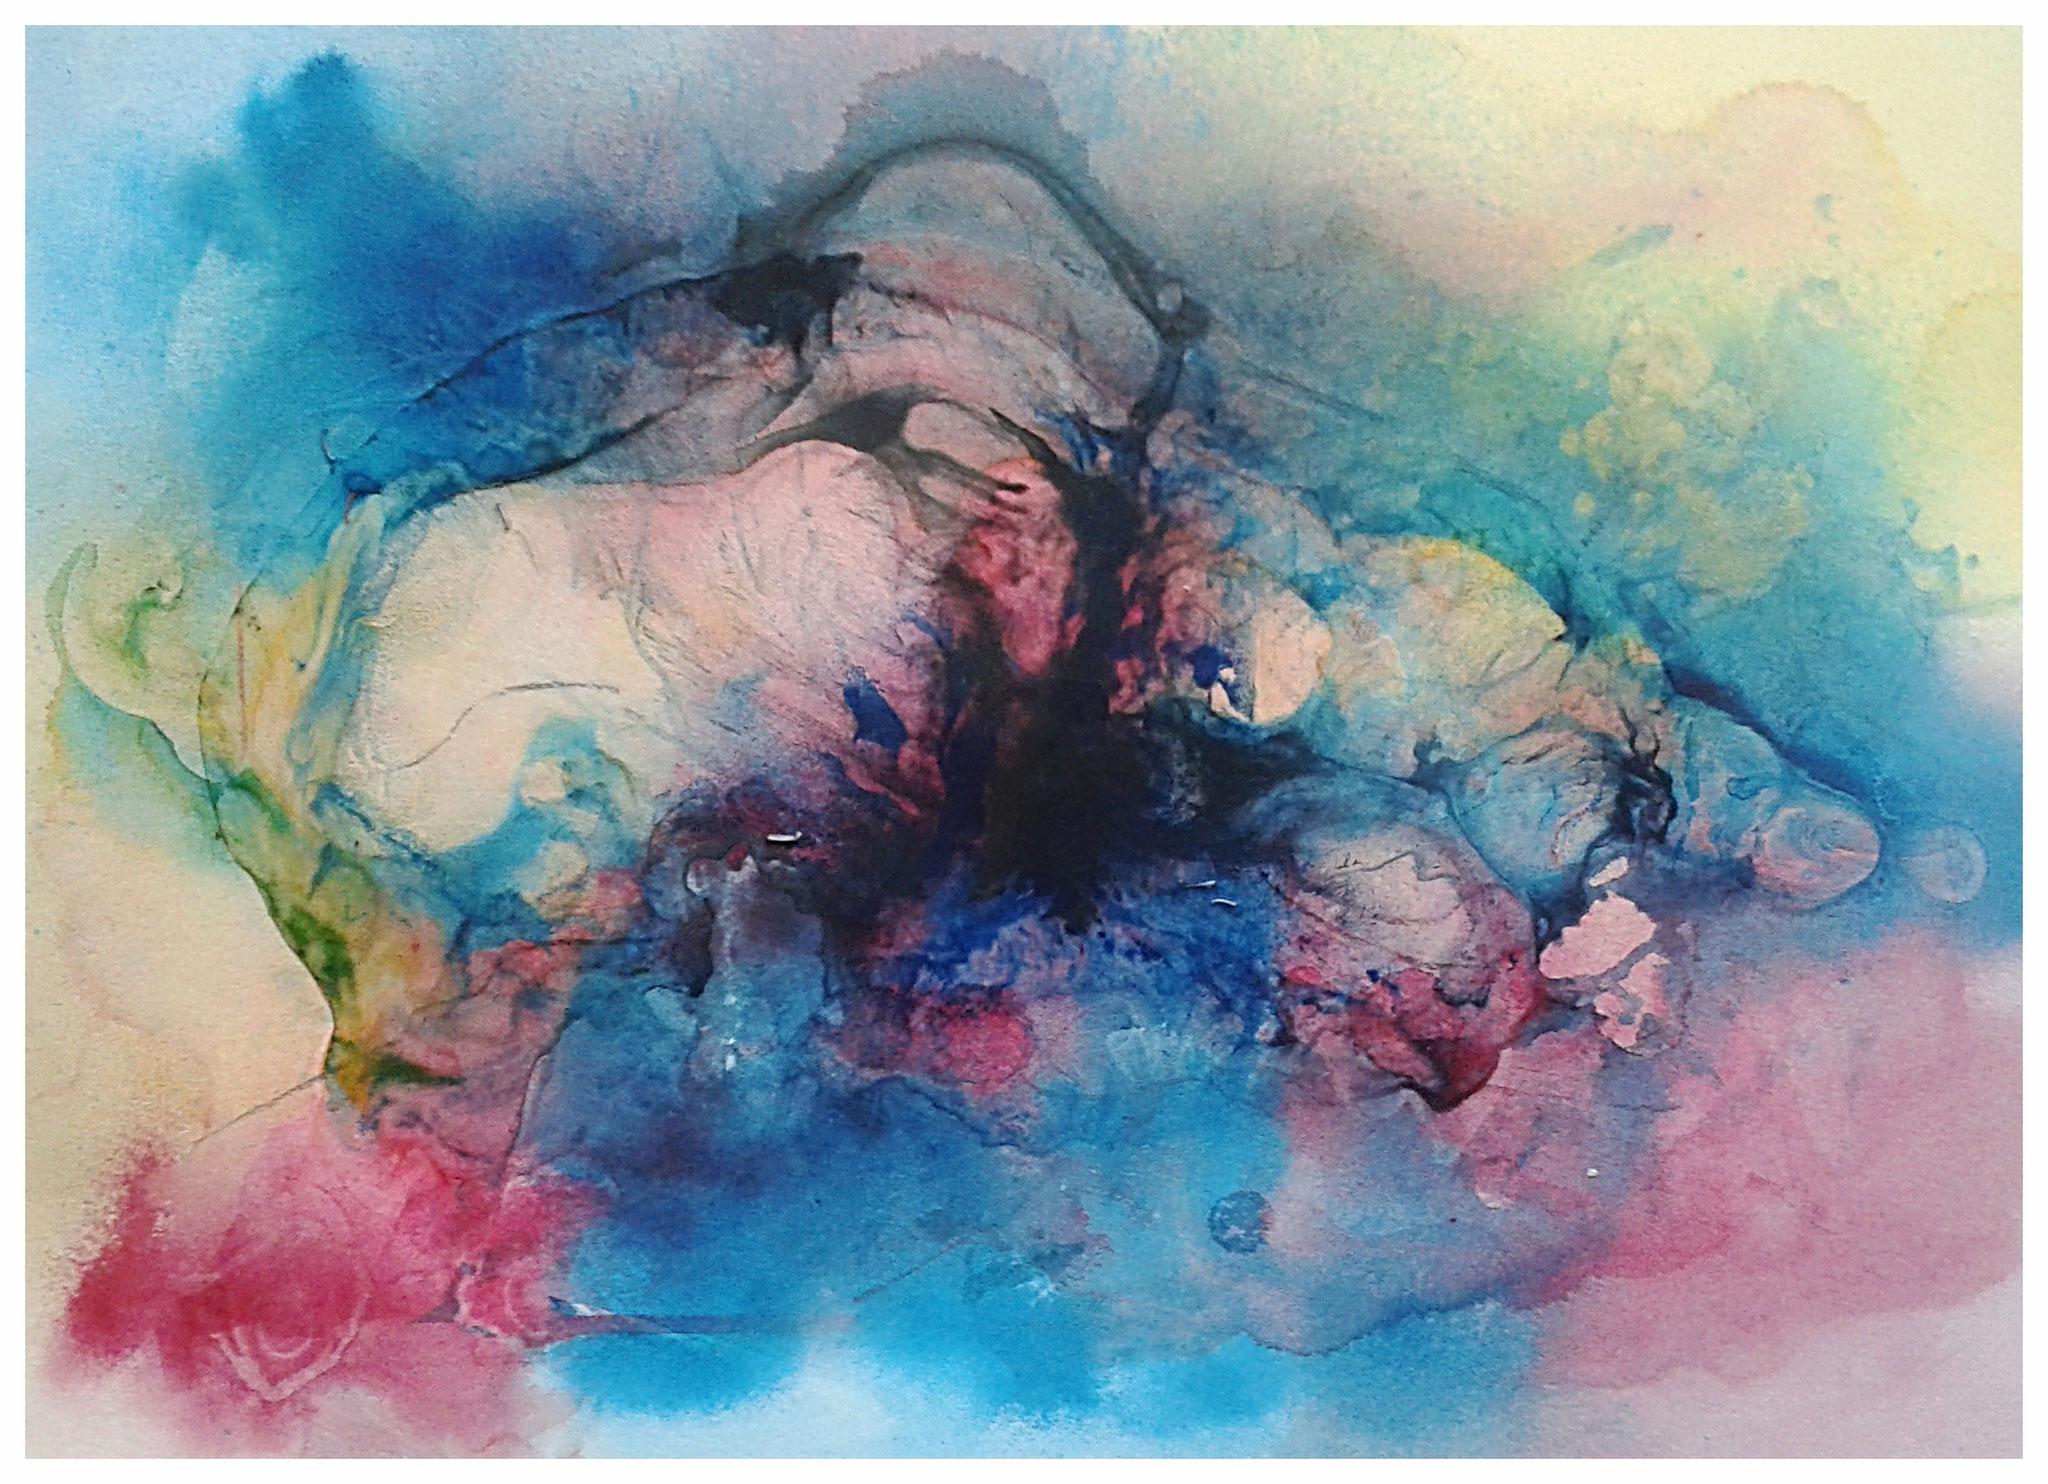 ART HFrei - FREIHEIT - eine schwere Geburt